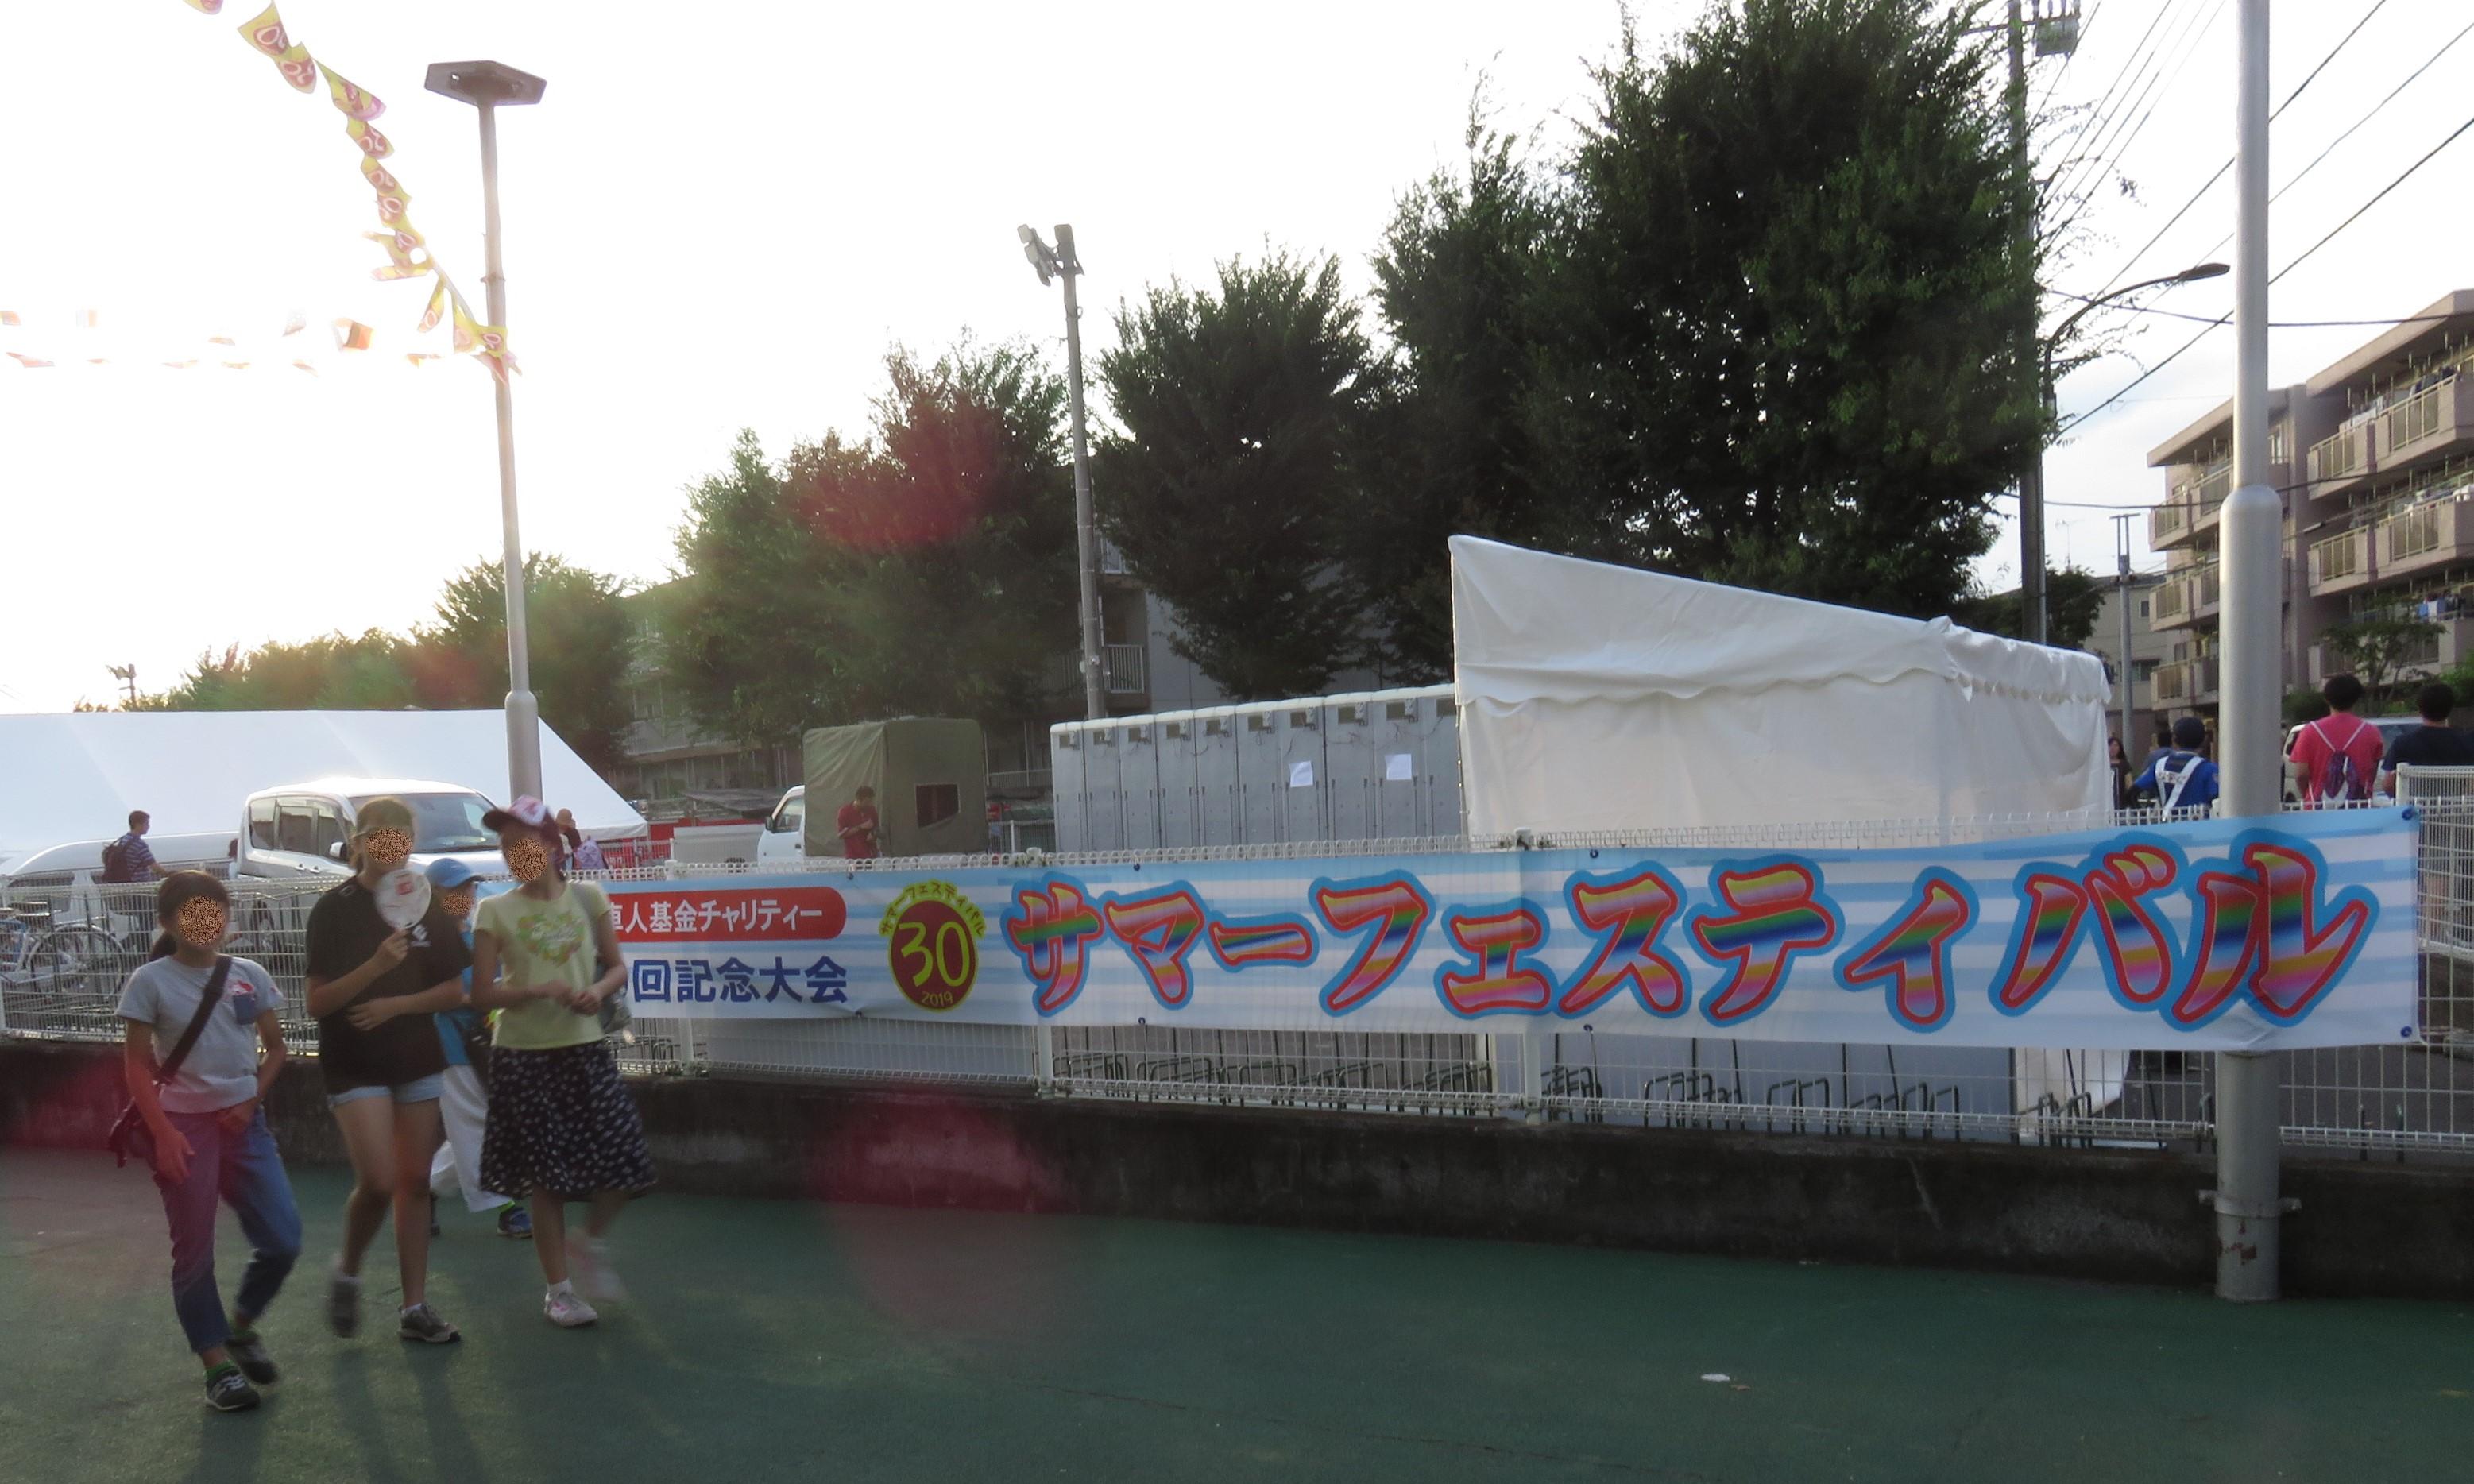 東京車人基金チャリティ第30回サマーフェスティバル